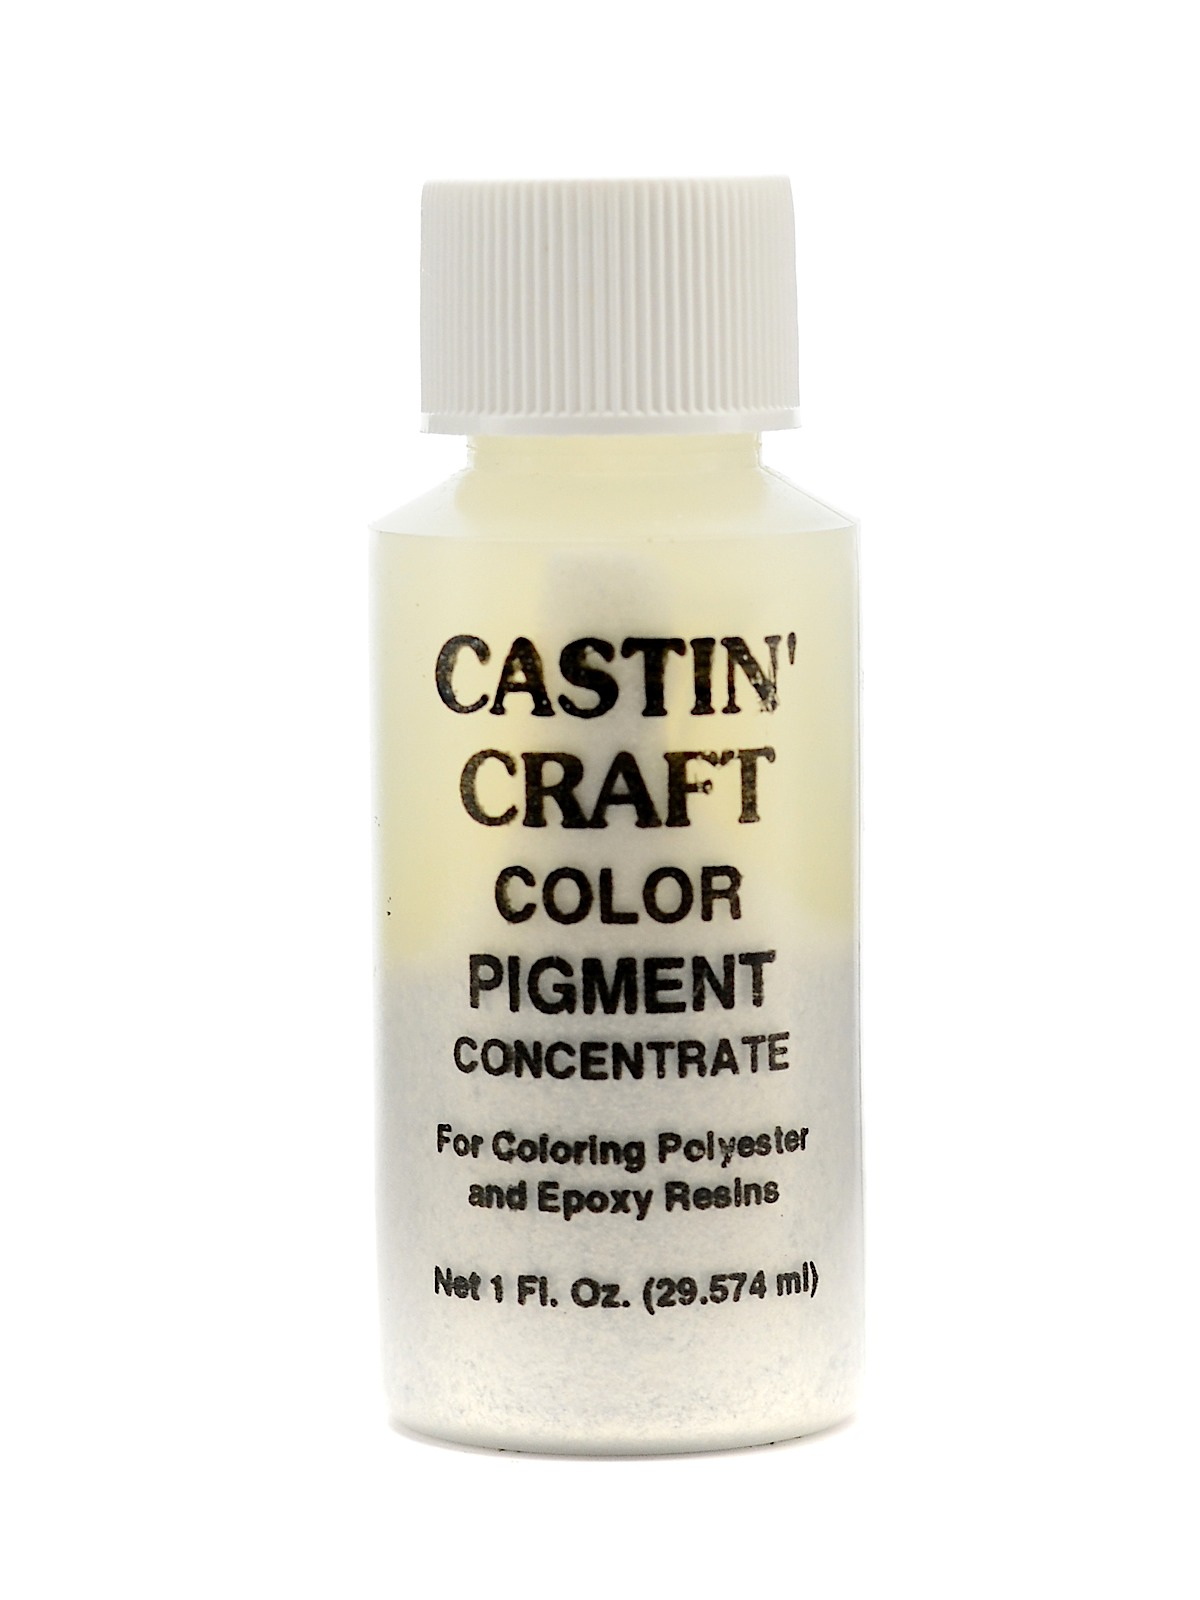 Castin craft color pigment - Opaque Pigments Pearl Bottle 1 Oz